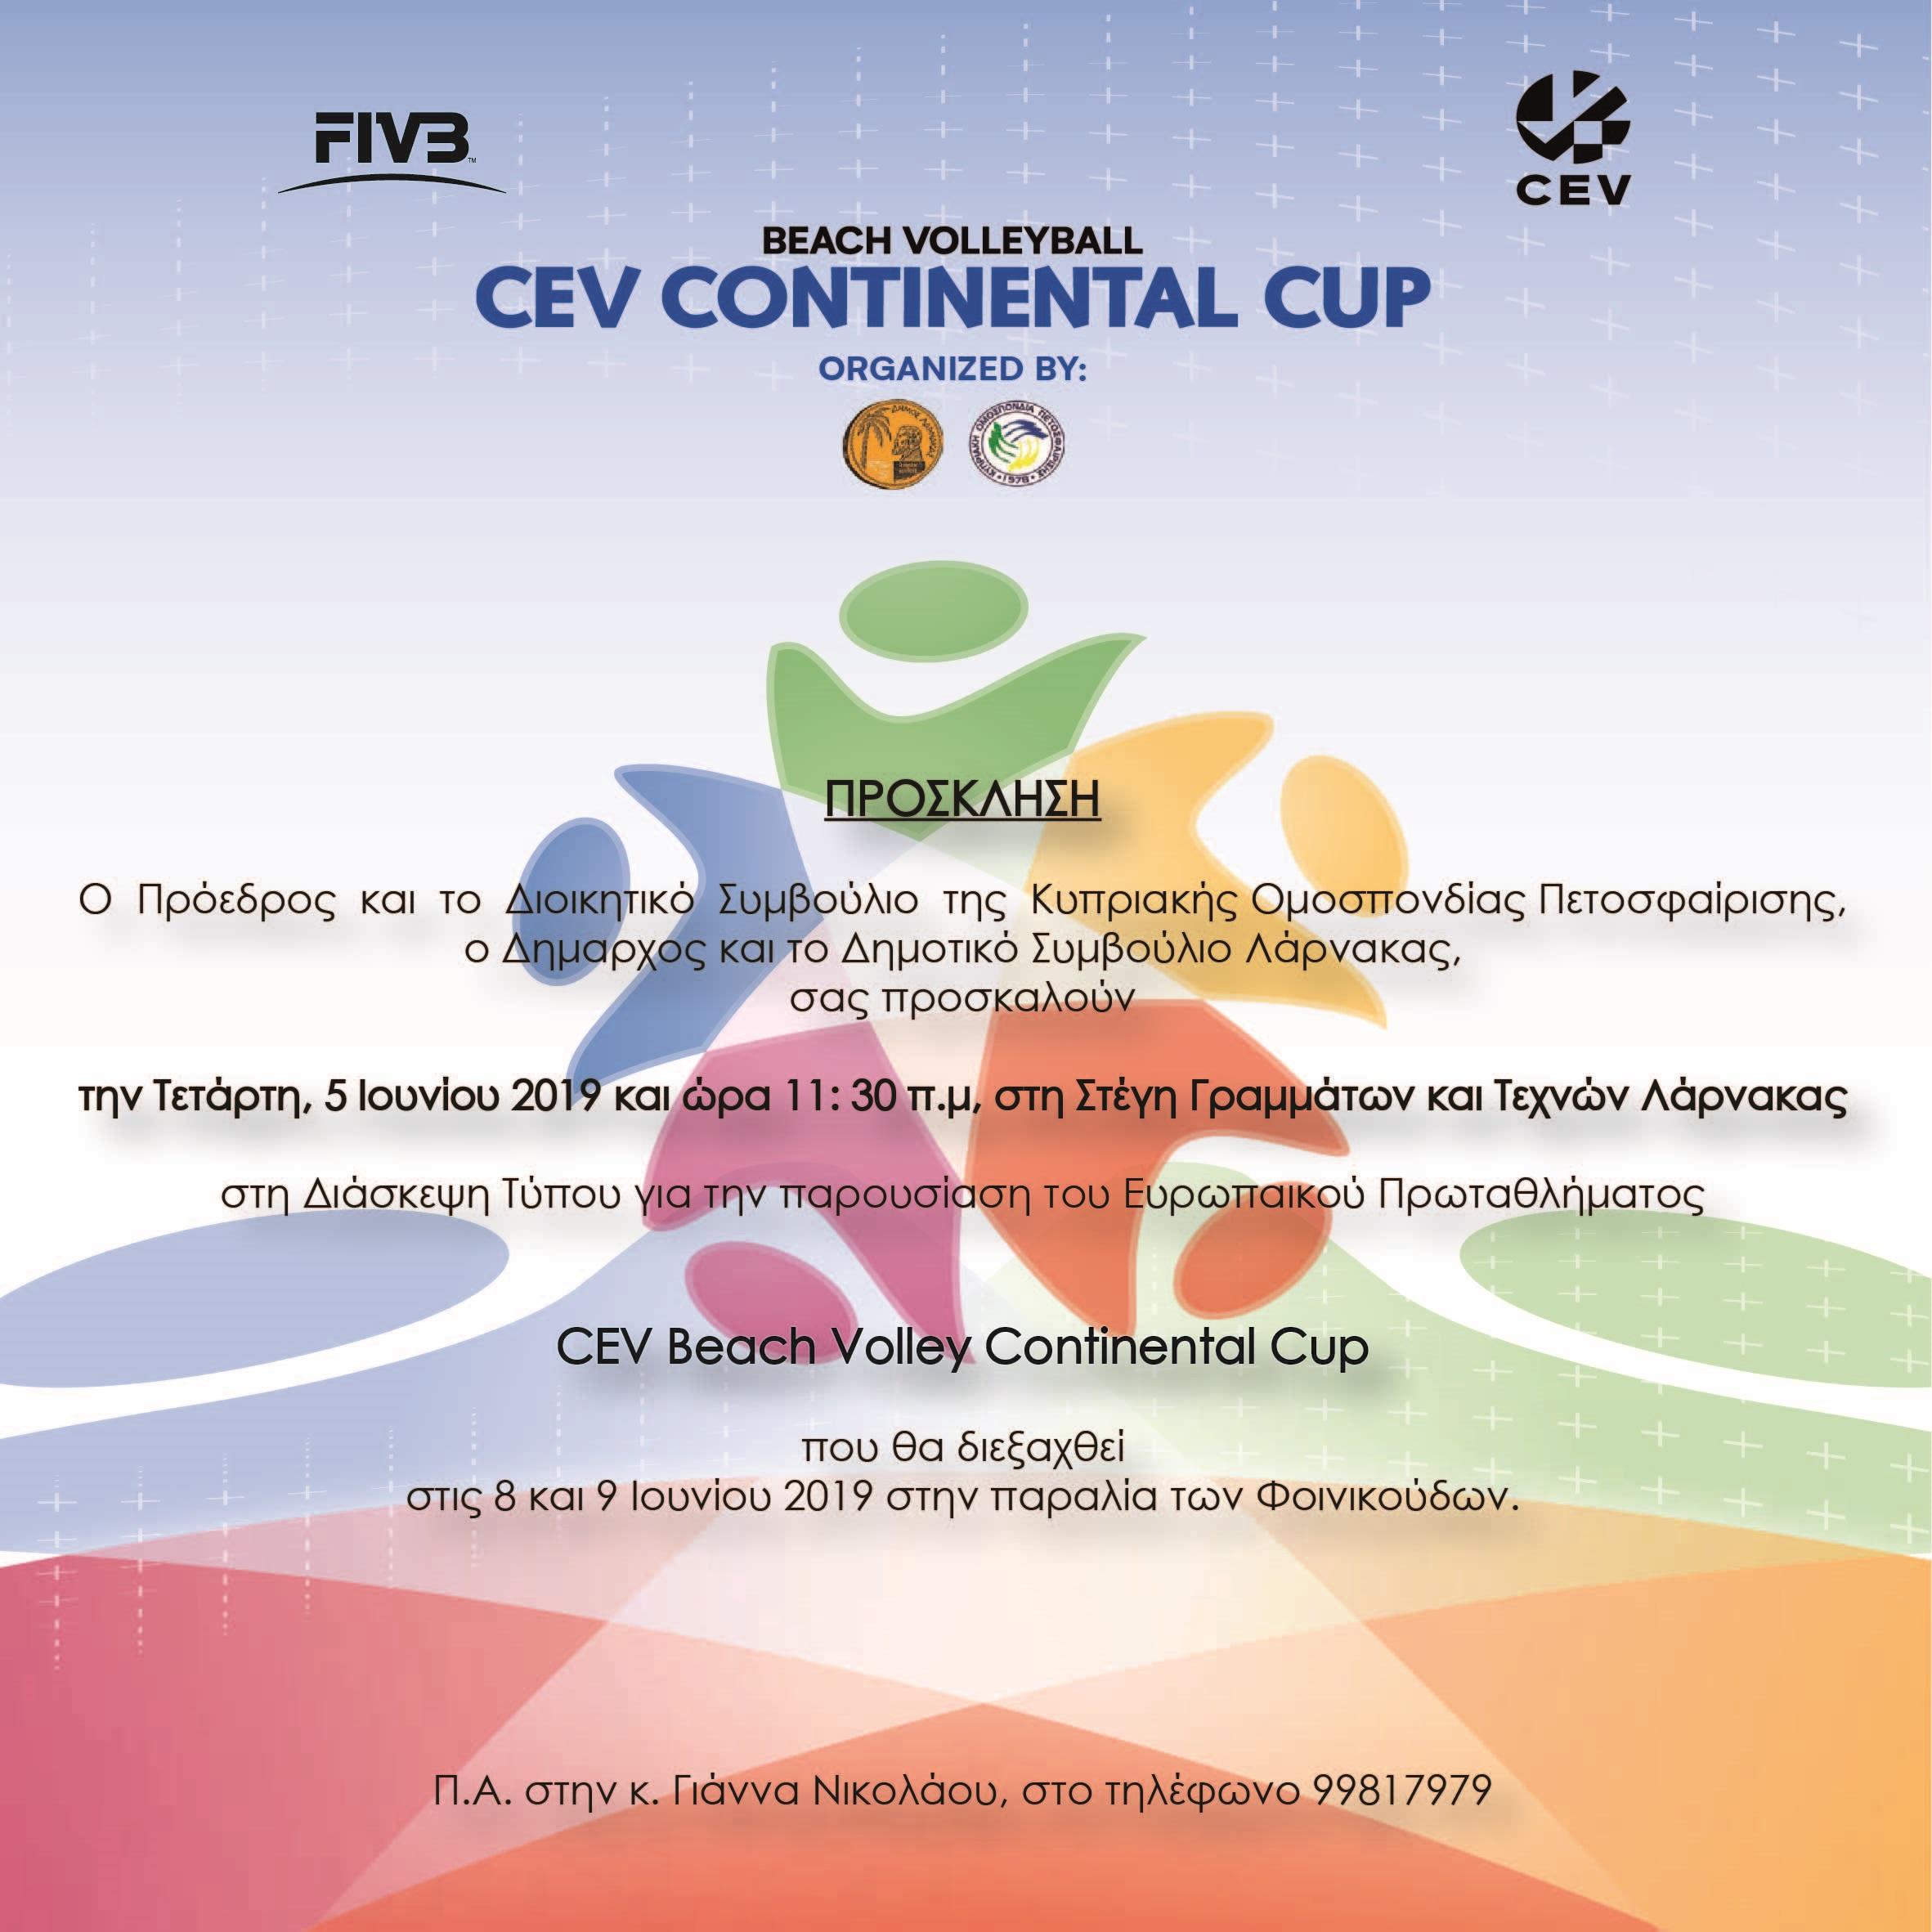 Παρουσίαση του Ευρωπαϊκού Πρωταθλήματος CEV Beach Volley Continental Cup στη Λάρνακα